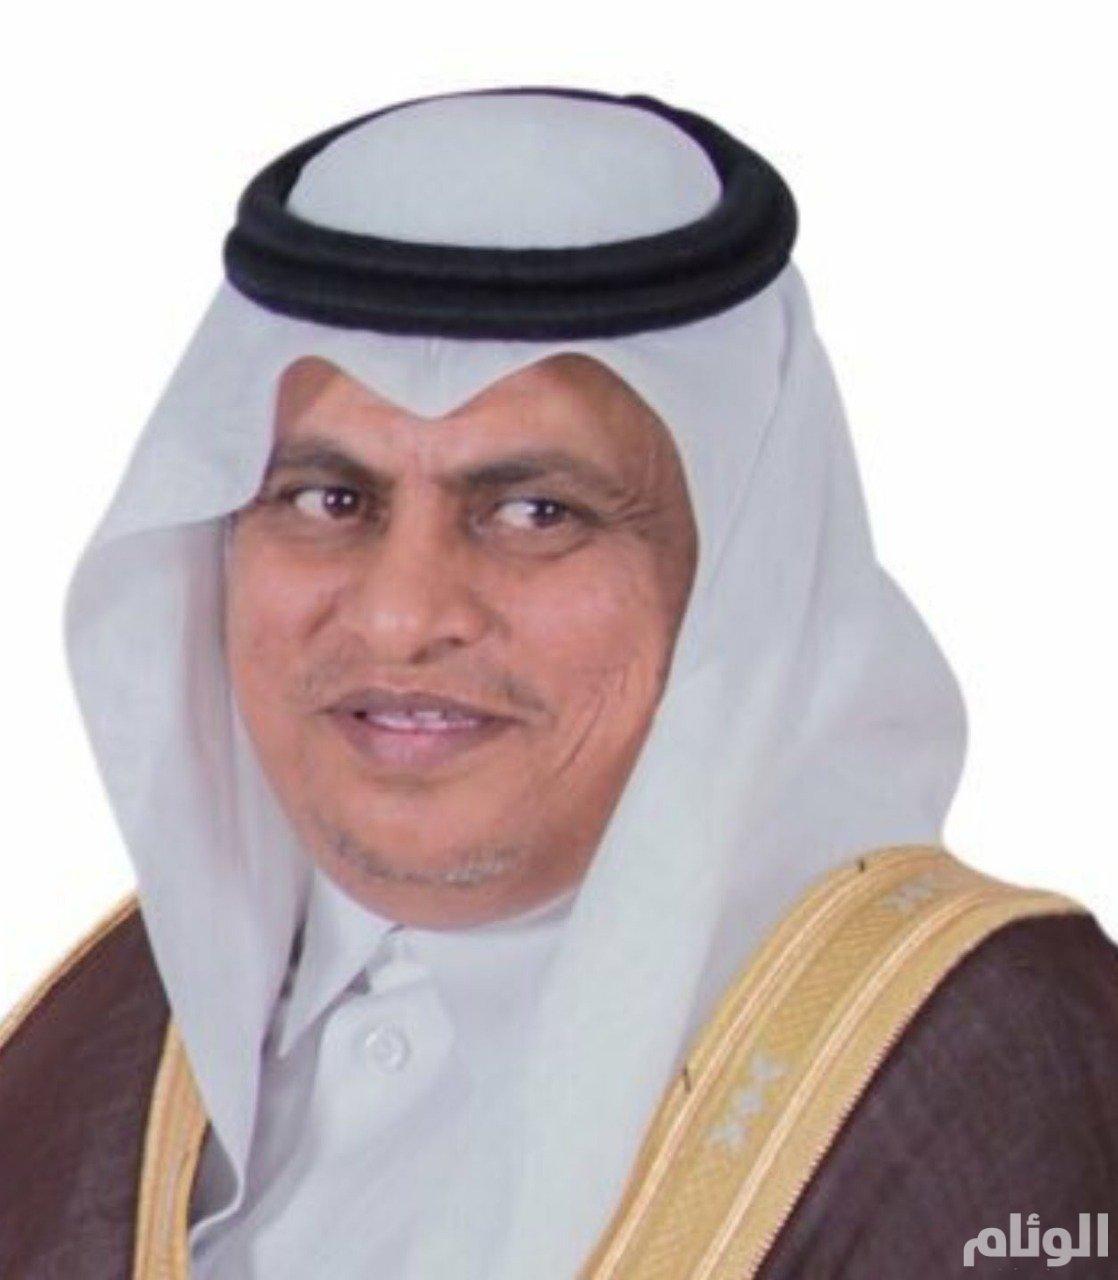 تكليف سعد الجوني مديرا عاما للتعليم في عسير